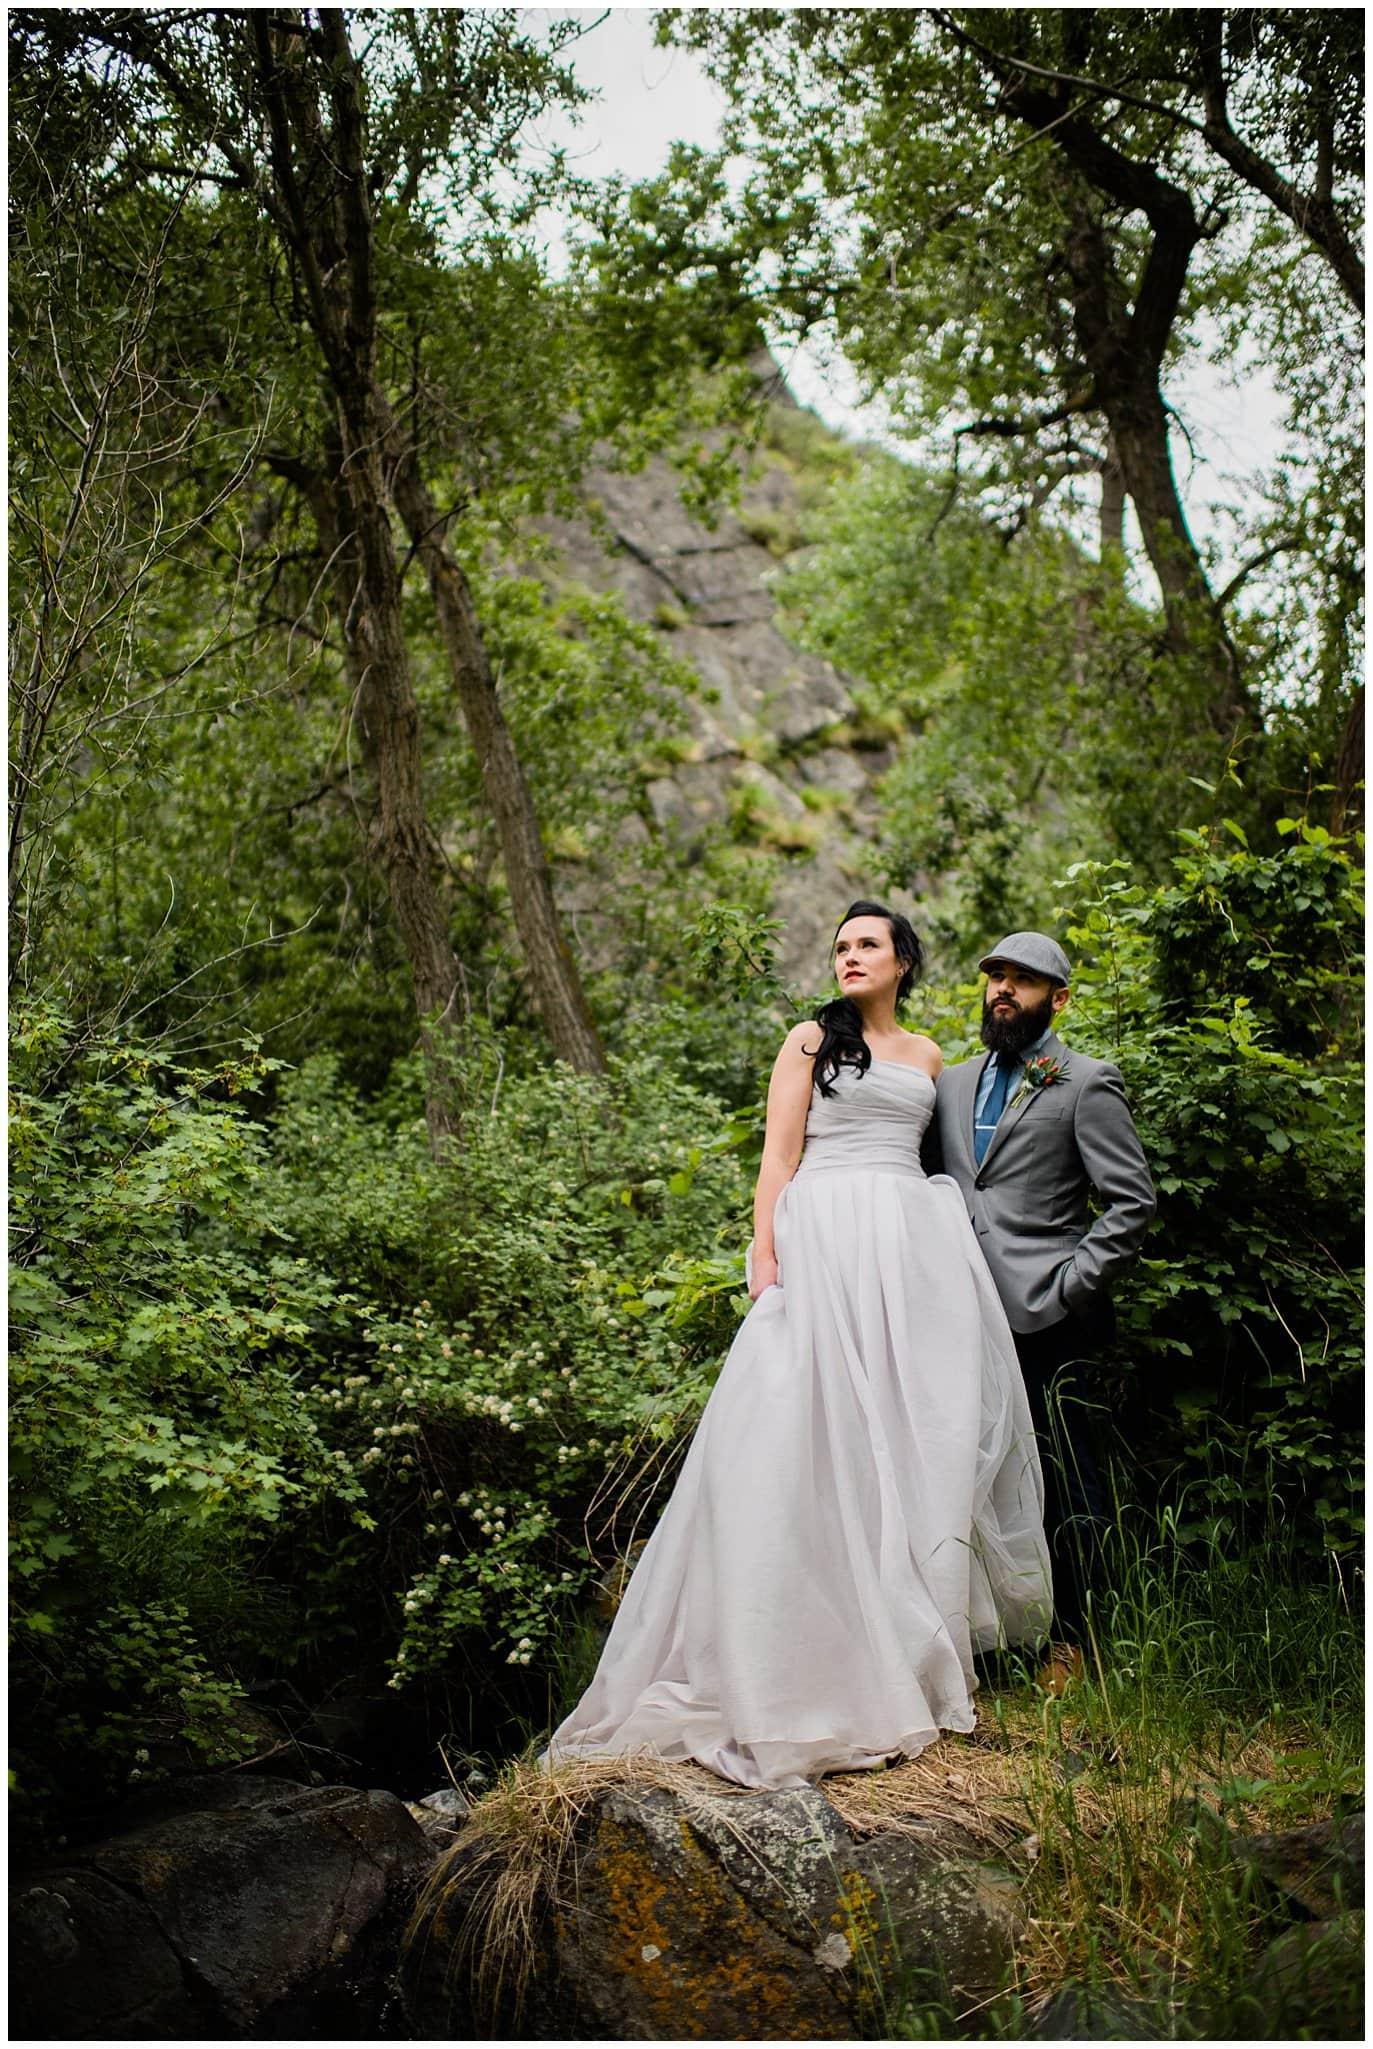 Lory state park waterfall wedding photo